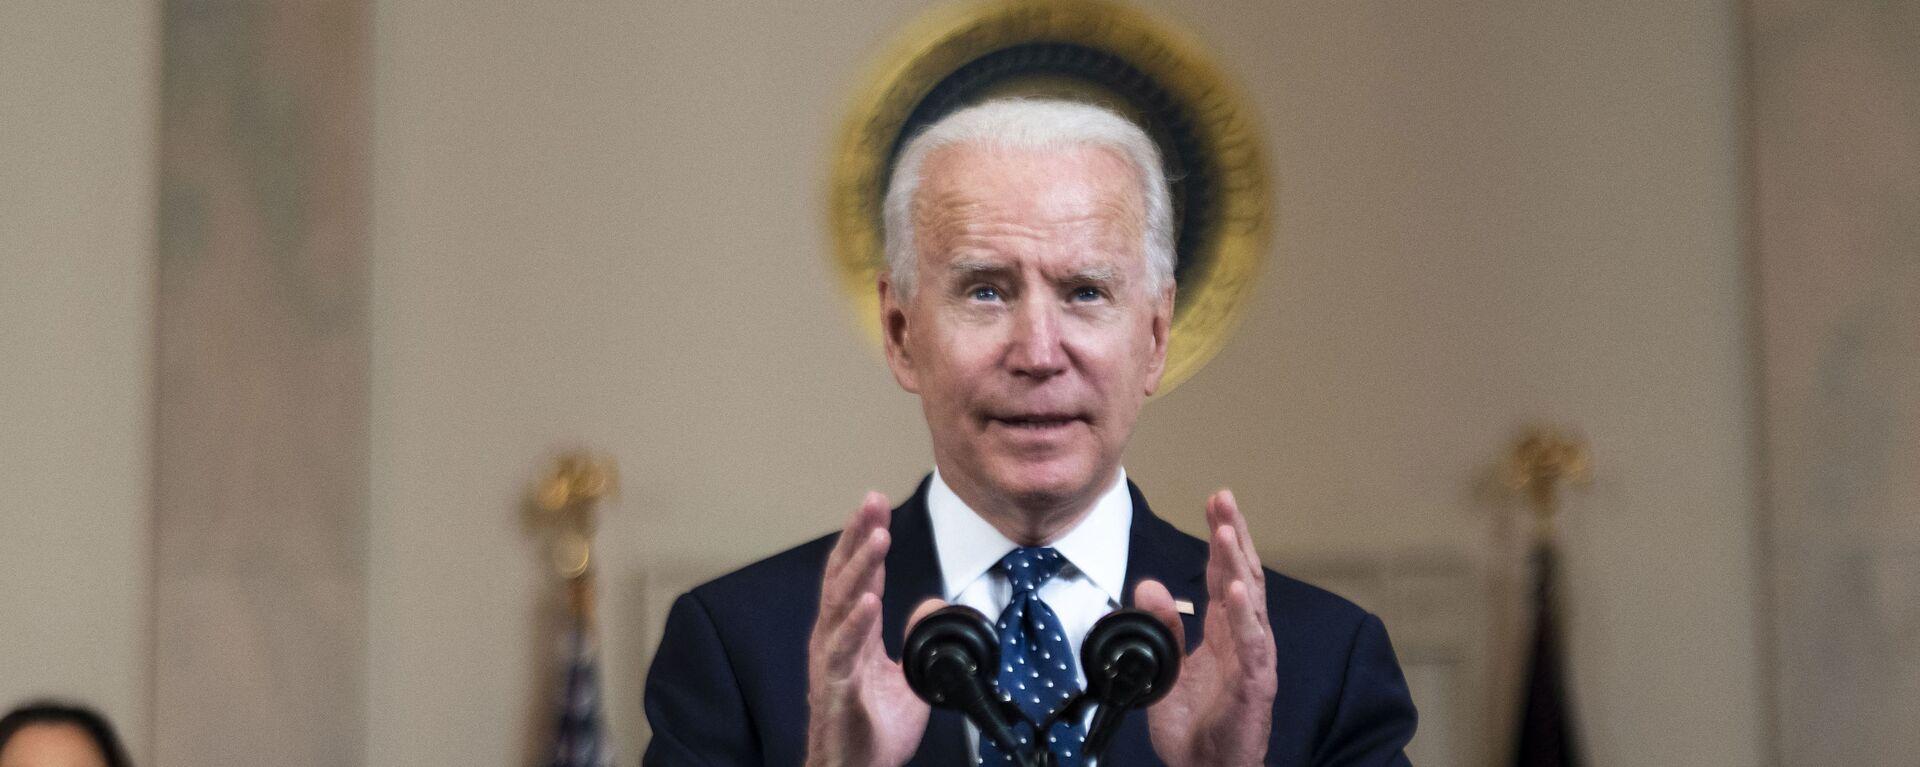 Americký prezident Joe Biden - Sputnik Česká republika, 1920, 17.05.2021